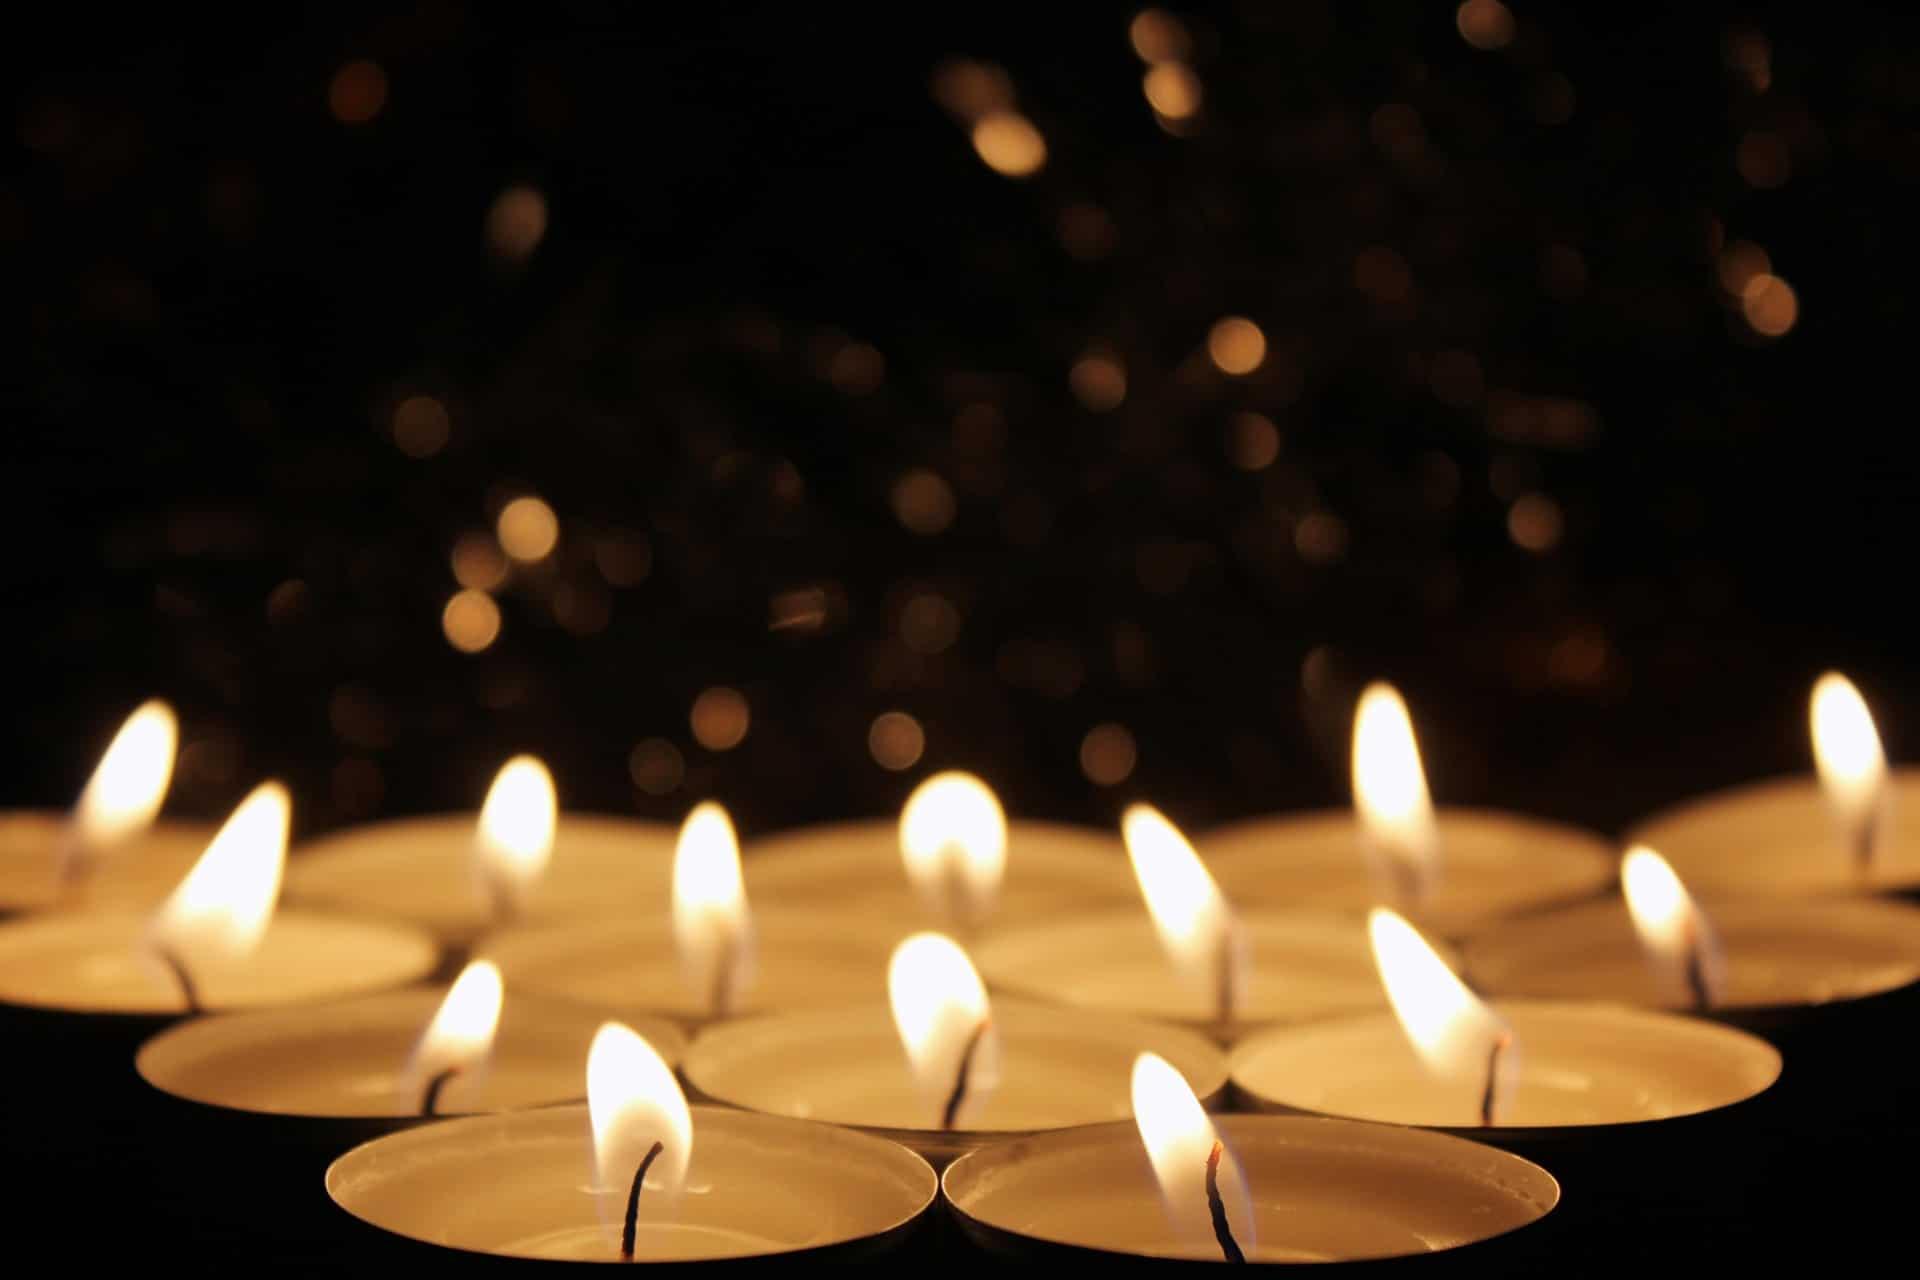 Afscheid nemen tijdens de coronacrisis met verbindende rituelen